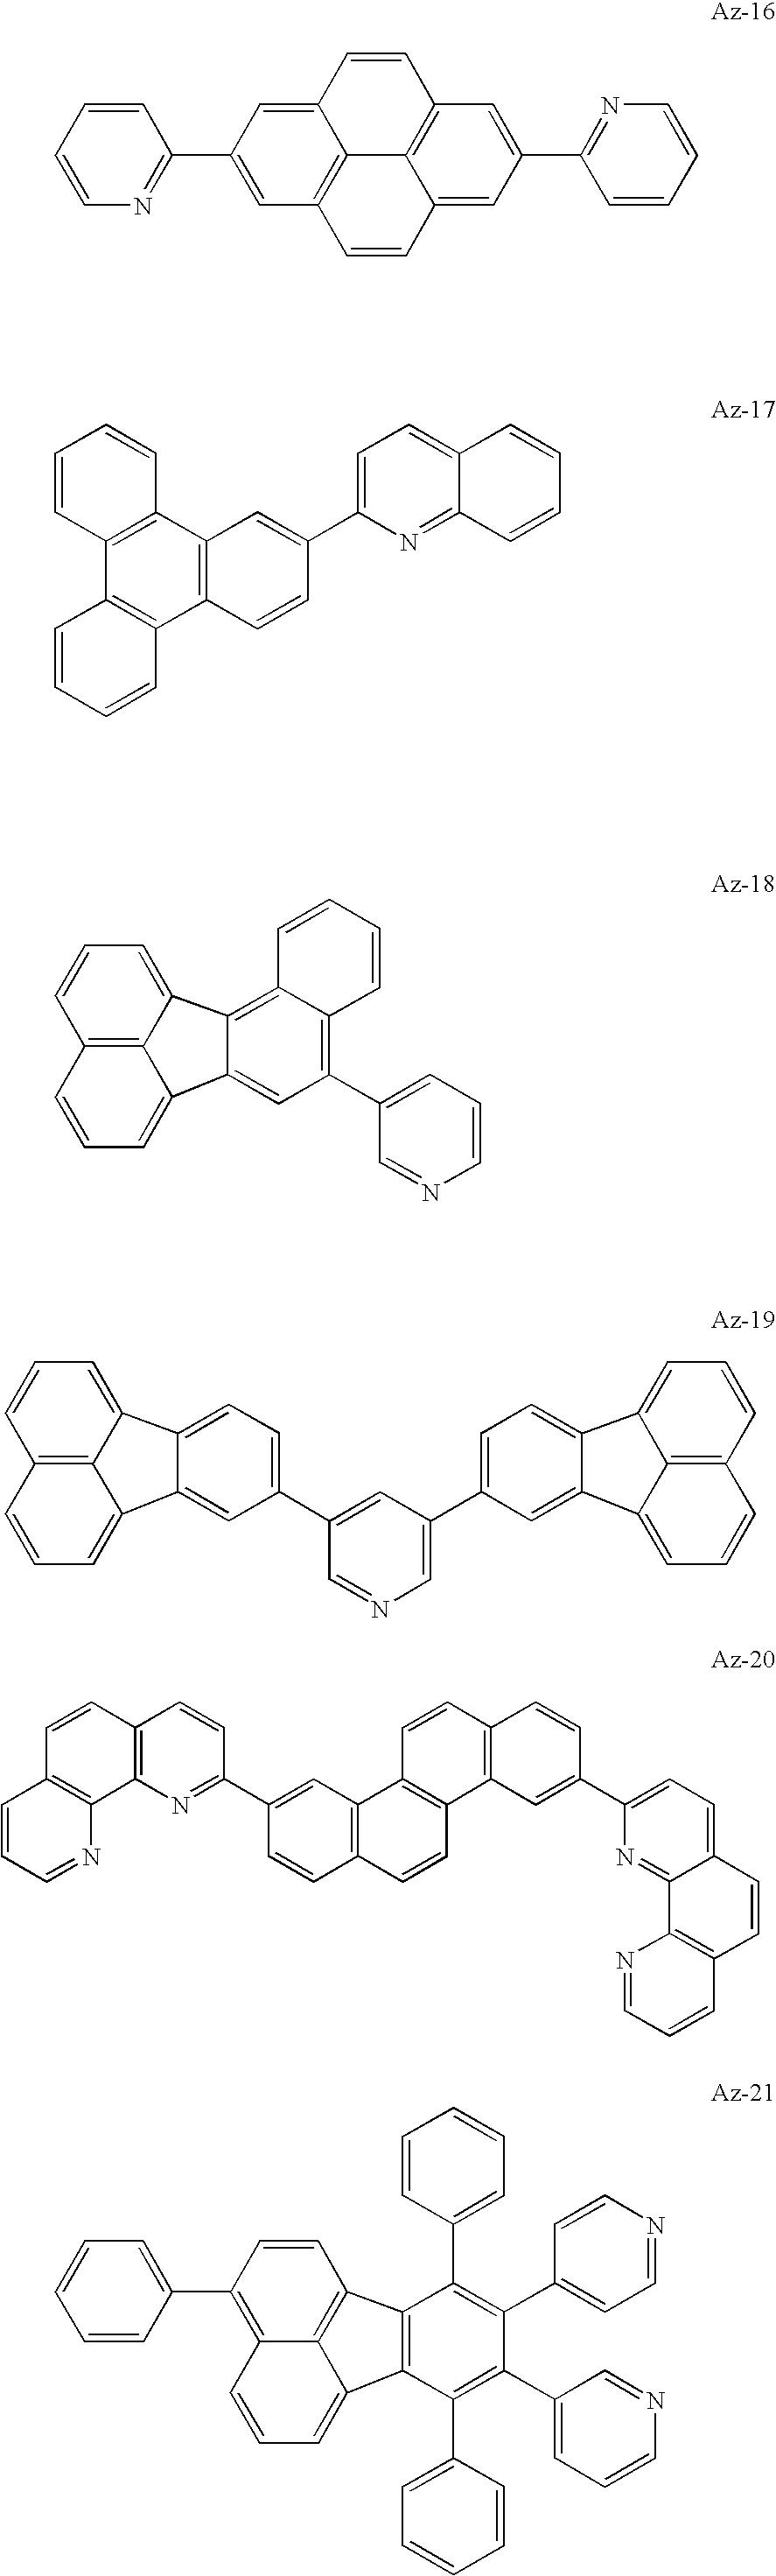 Figure US20100244677A1-20100930-C00029